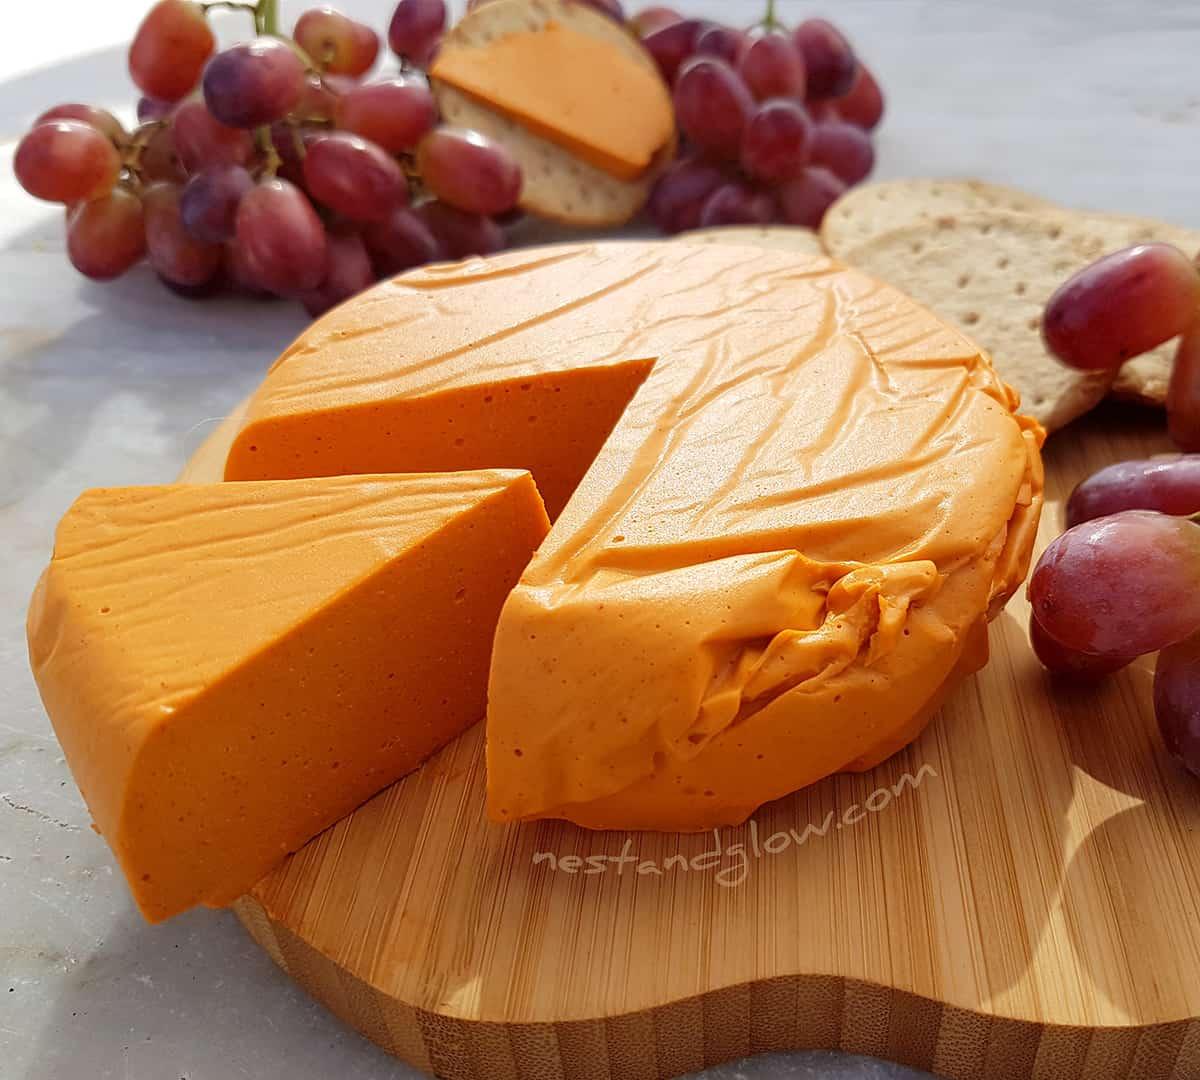 Smoked Cashew Cheese